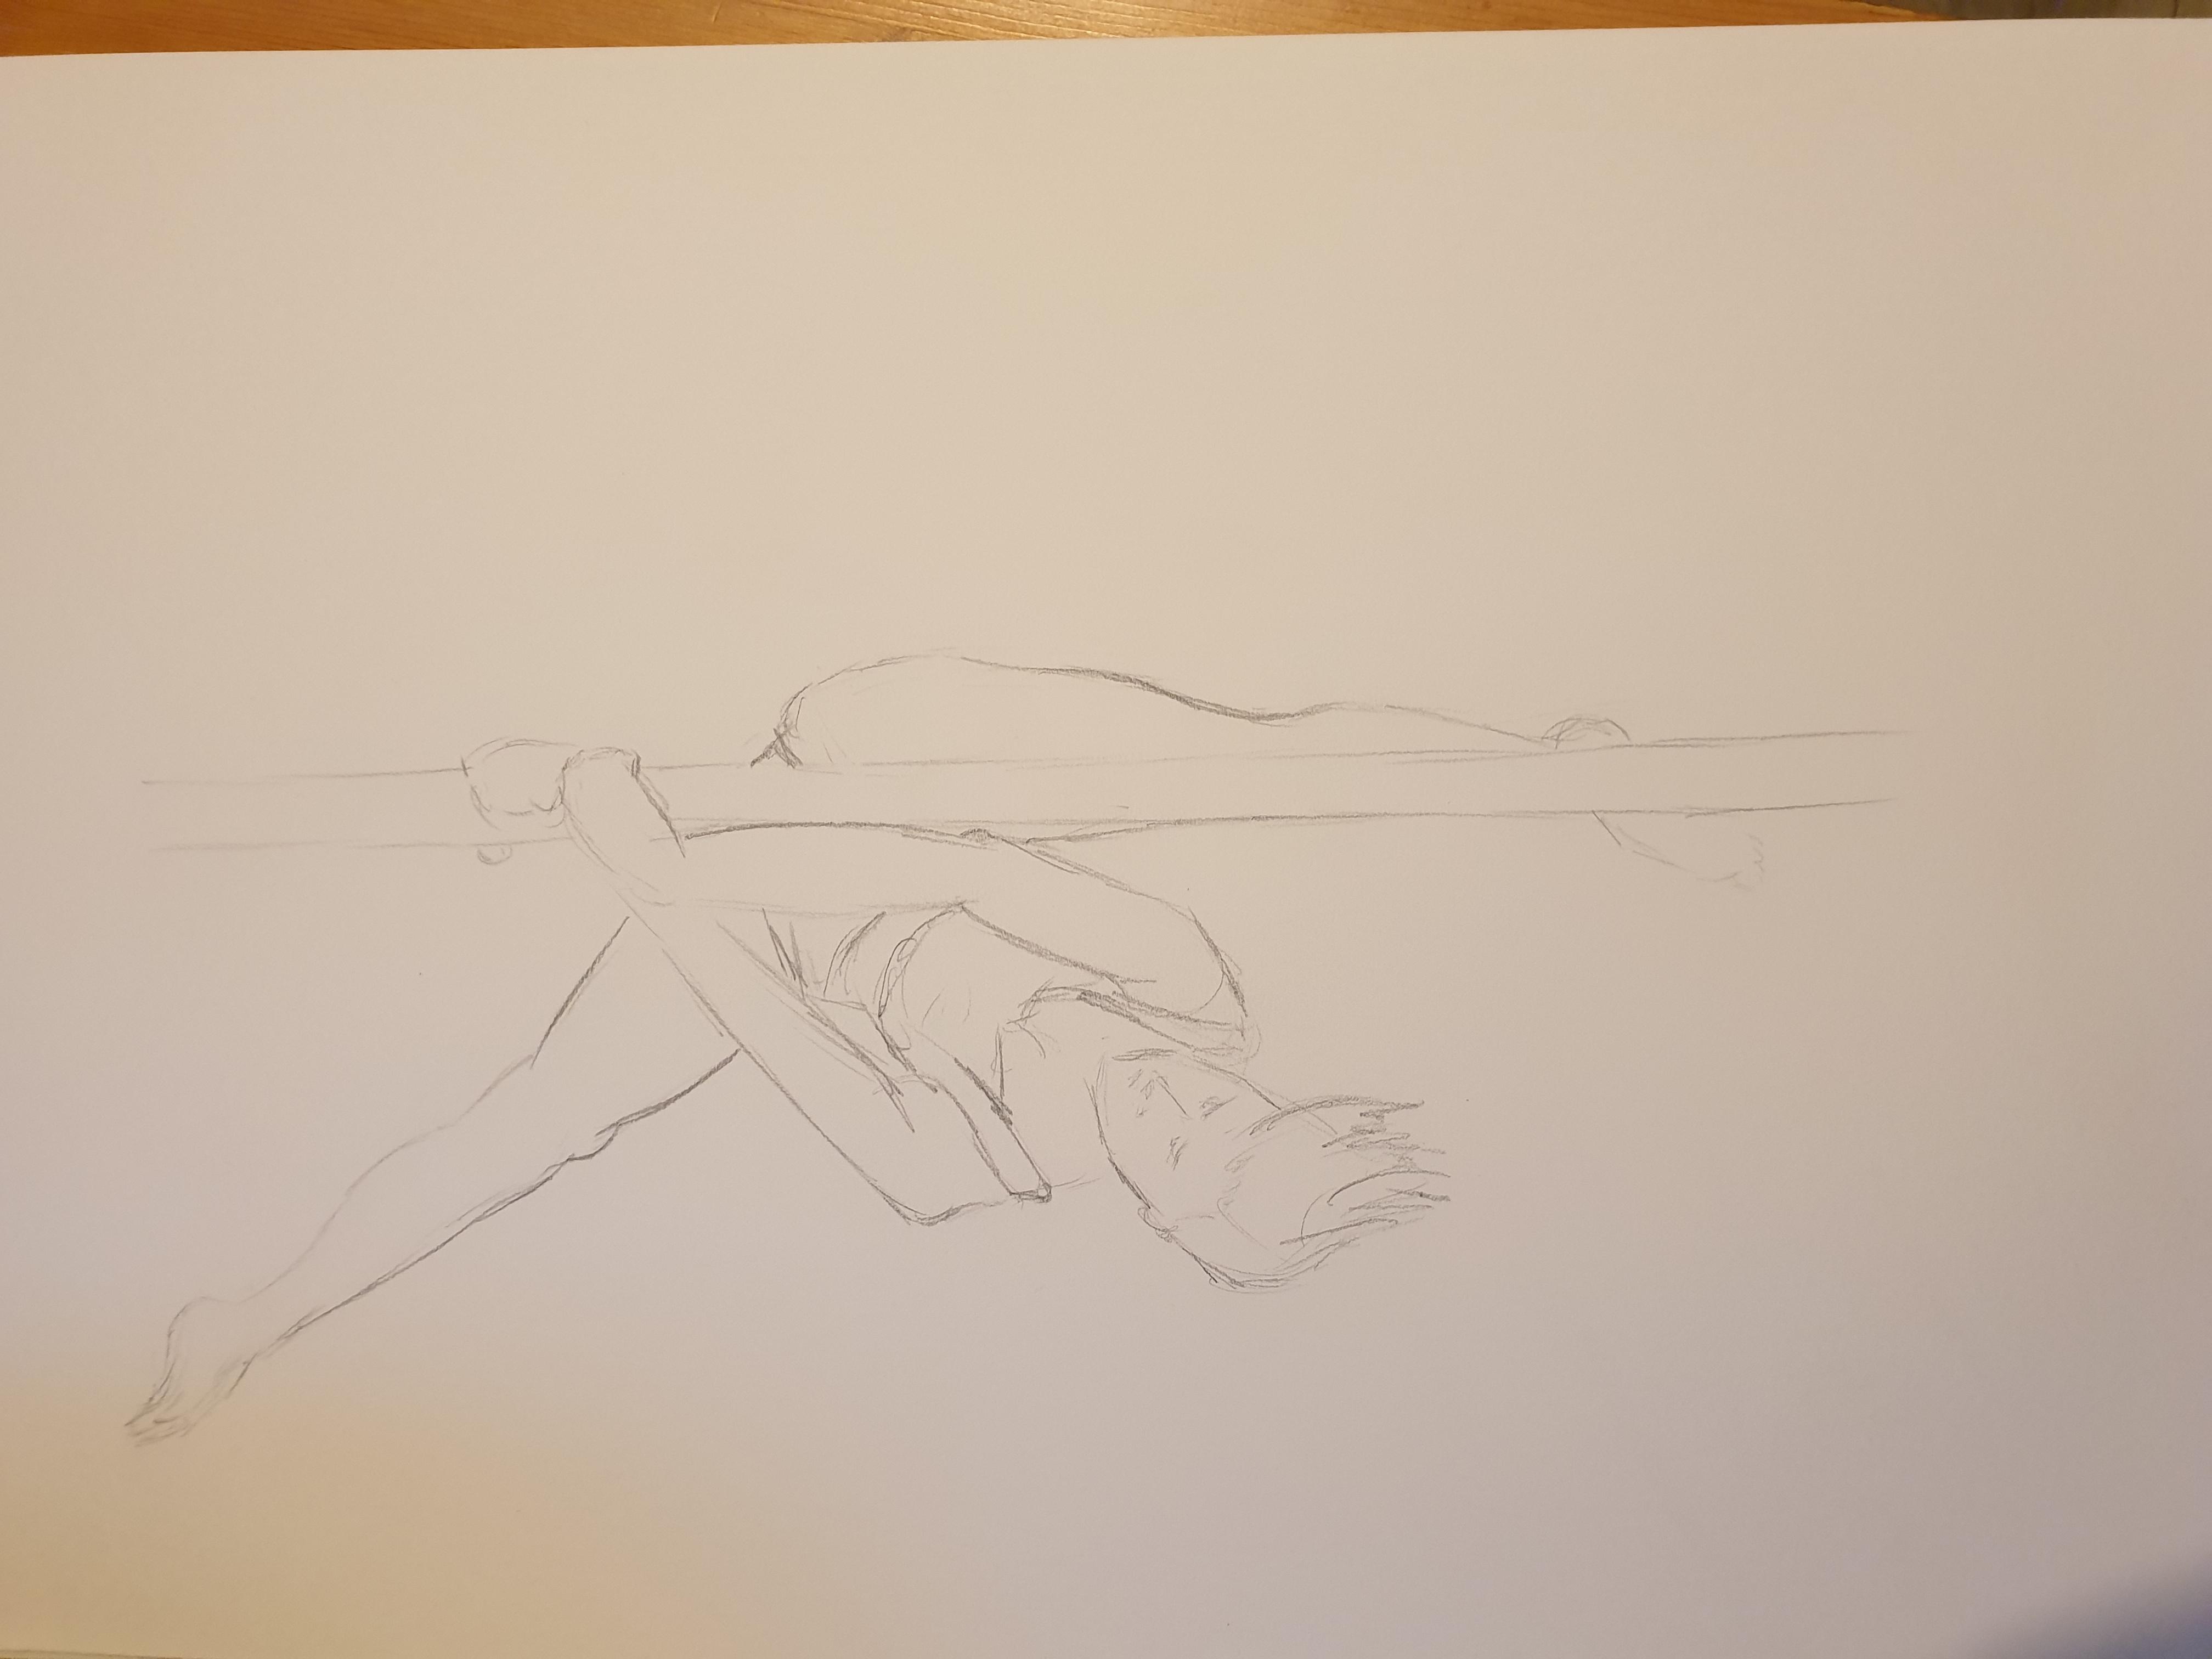 Life Drawing (2020) - Pencil